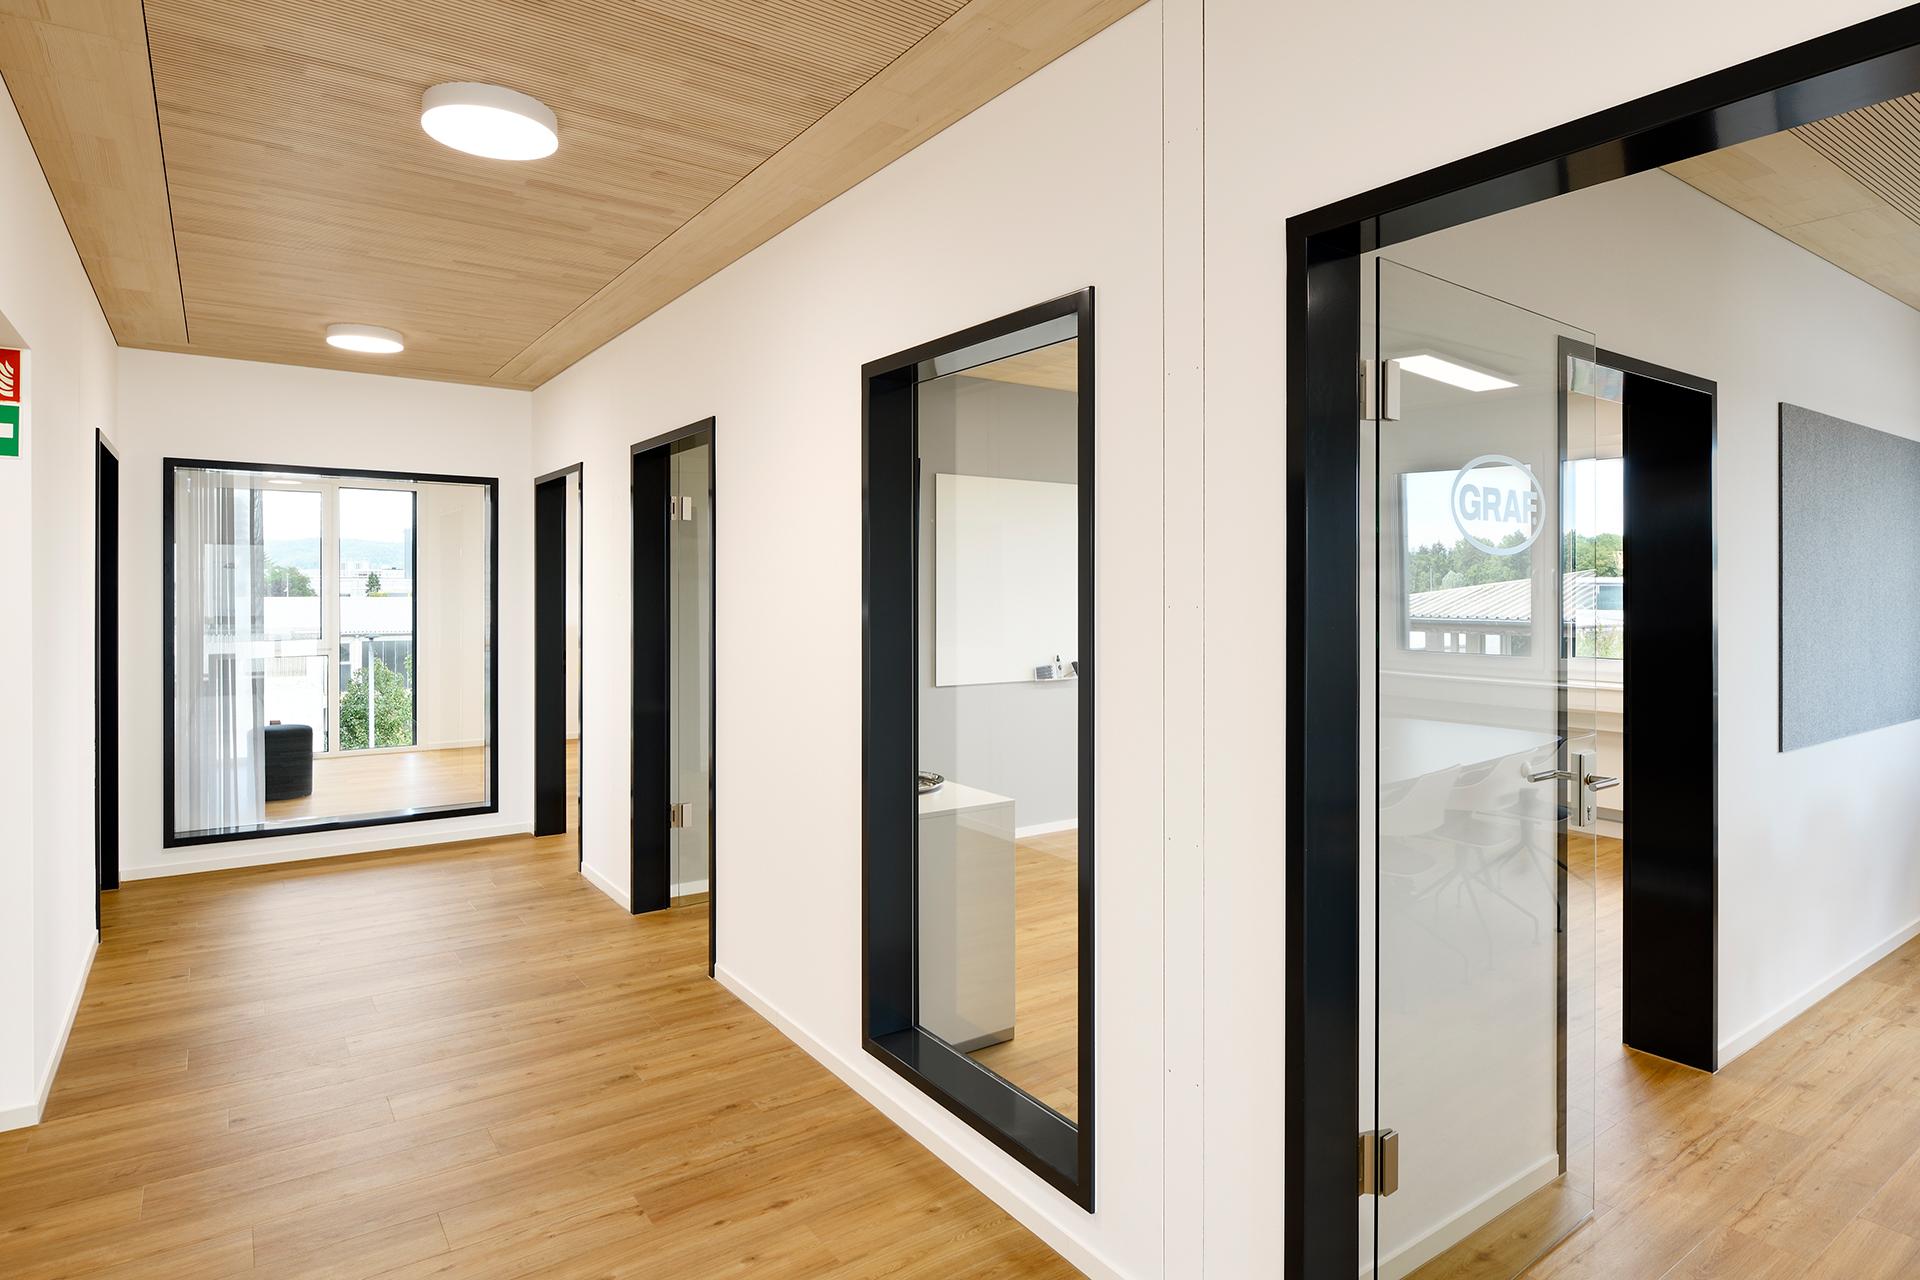 Blick in den Gang, links und rechts Eingänge zu den einzelnen Büros mit den dazugehörigen Fenstern